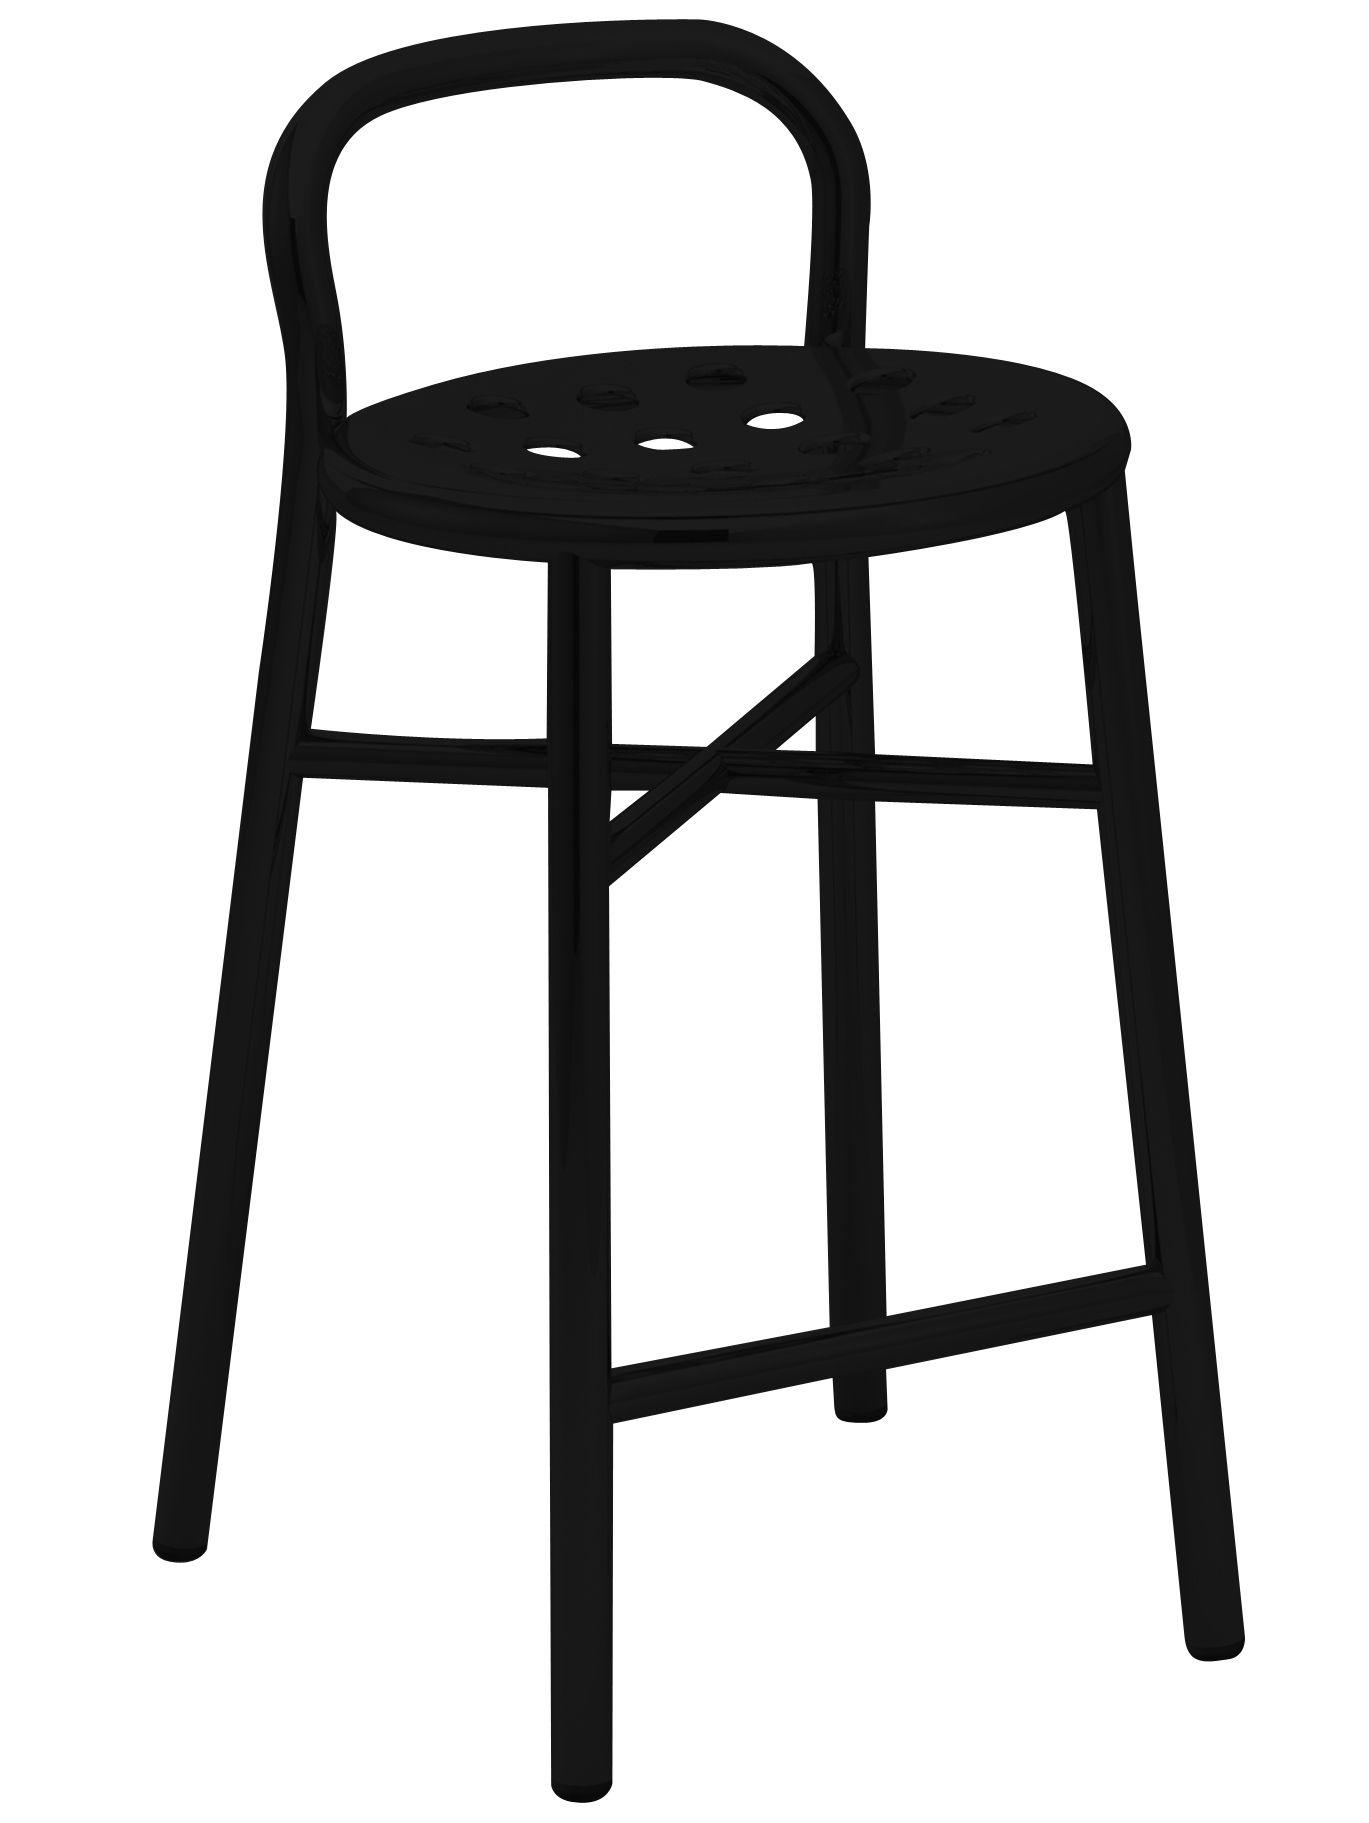 Möbel - Barhocker - Pipe Barhocker H 67 cm - Magis - Schwarz - gefirnister Stahl, klarlackbeschichtetes Aluminium